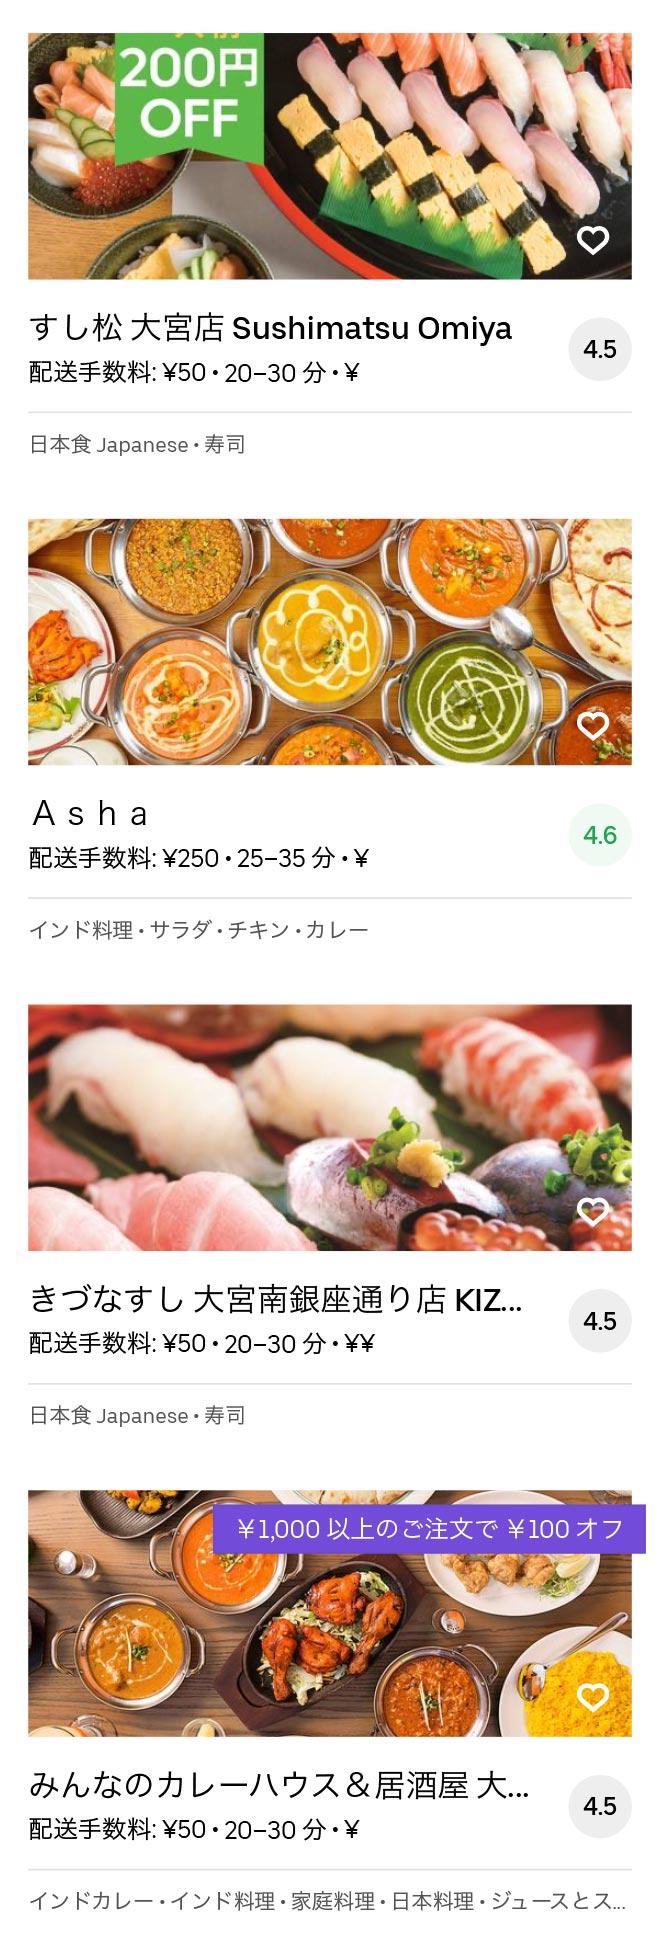 Saitama oomiya menu 2006 11